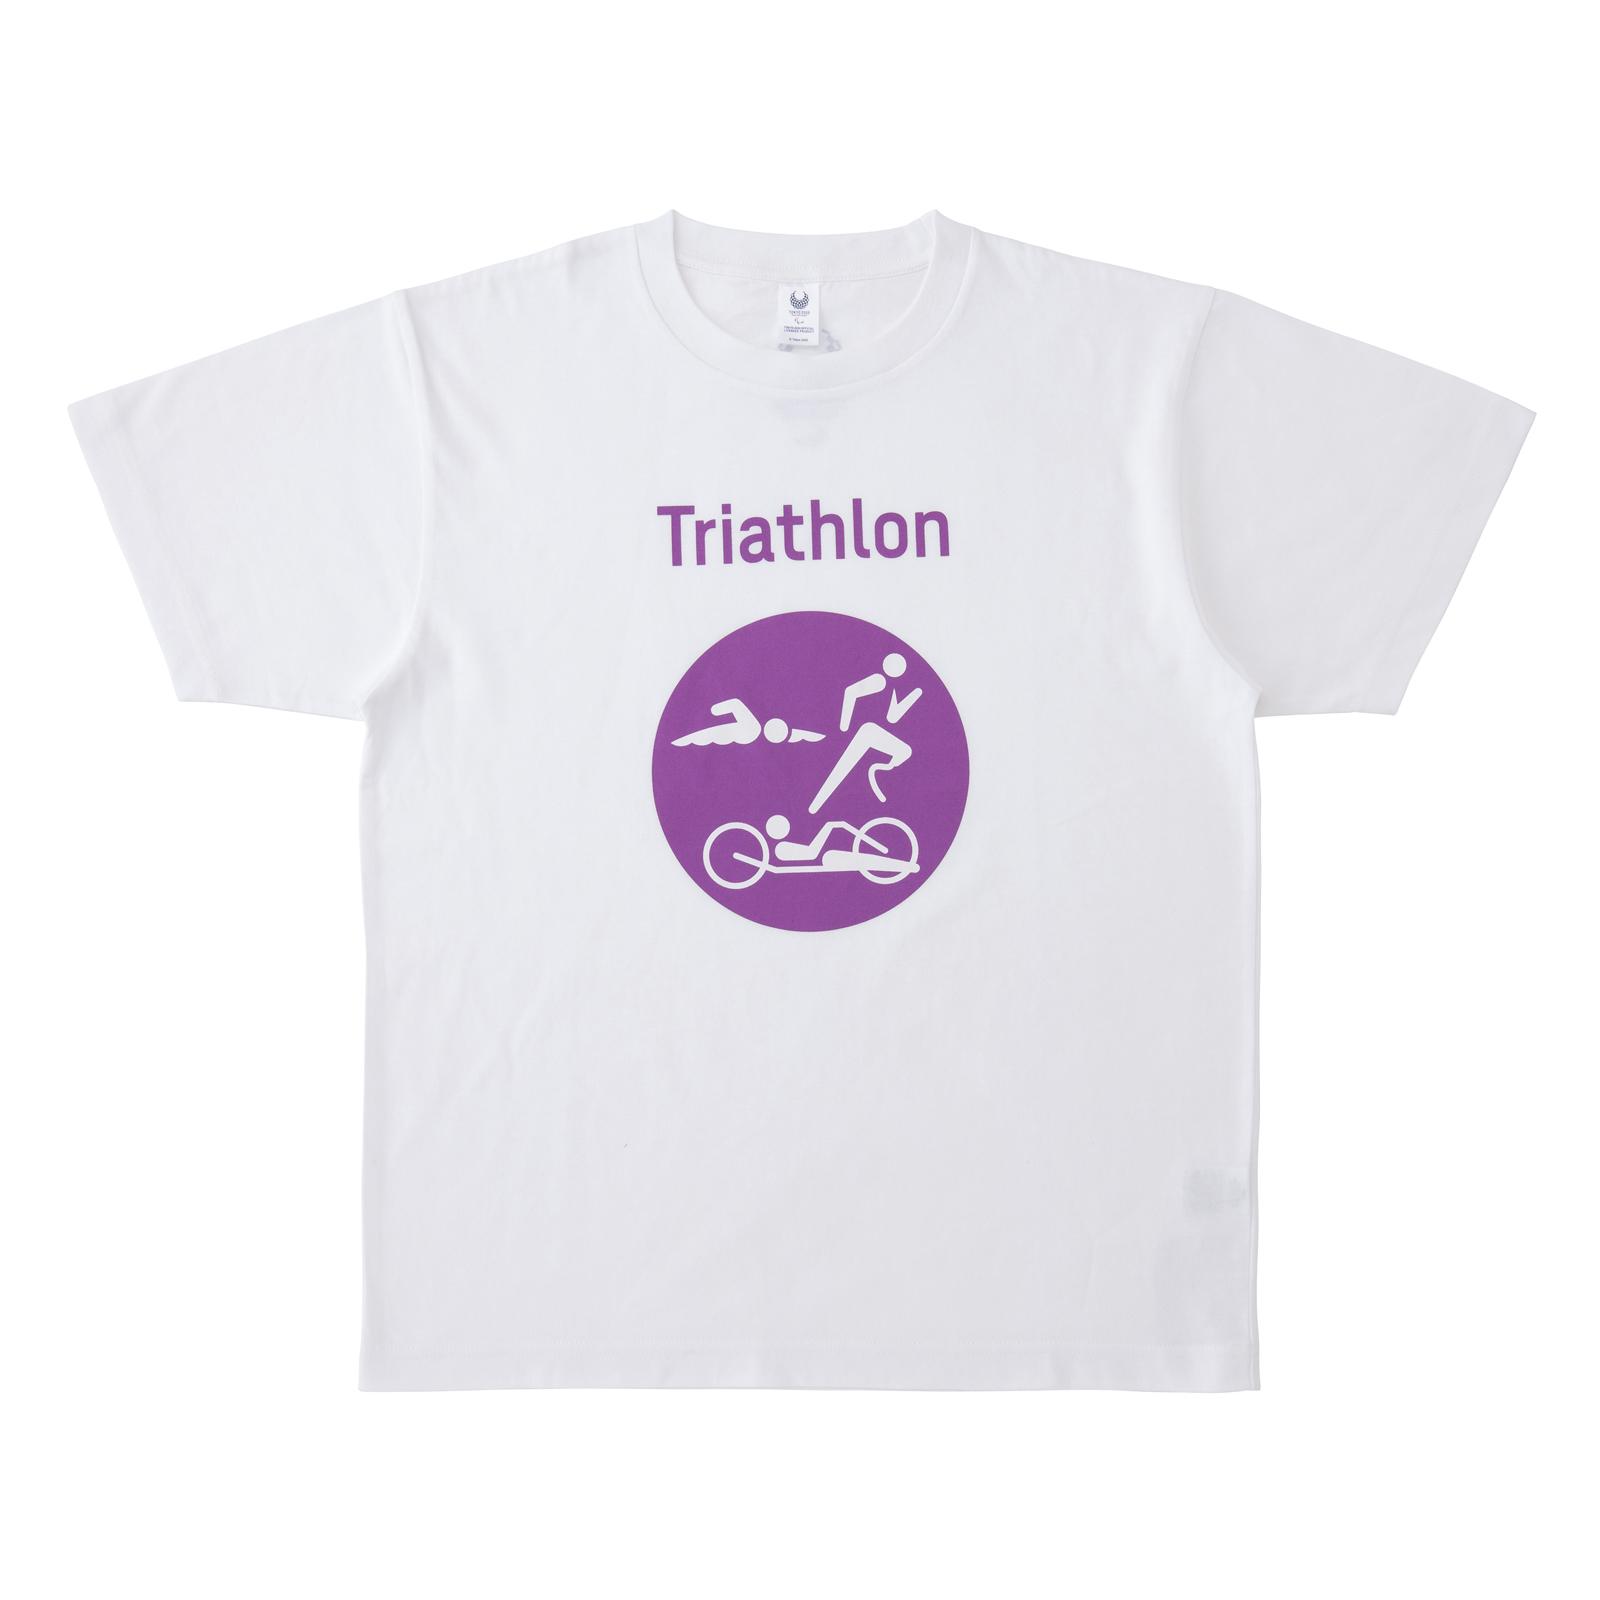 Tシャツトライアスロン(東京2020パラリンピックスポーツピクトグラム)